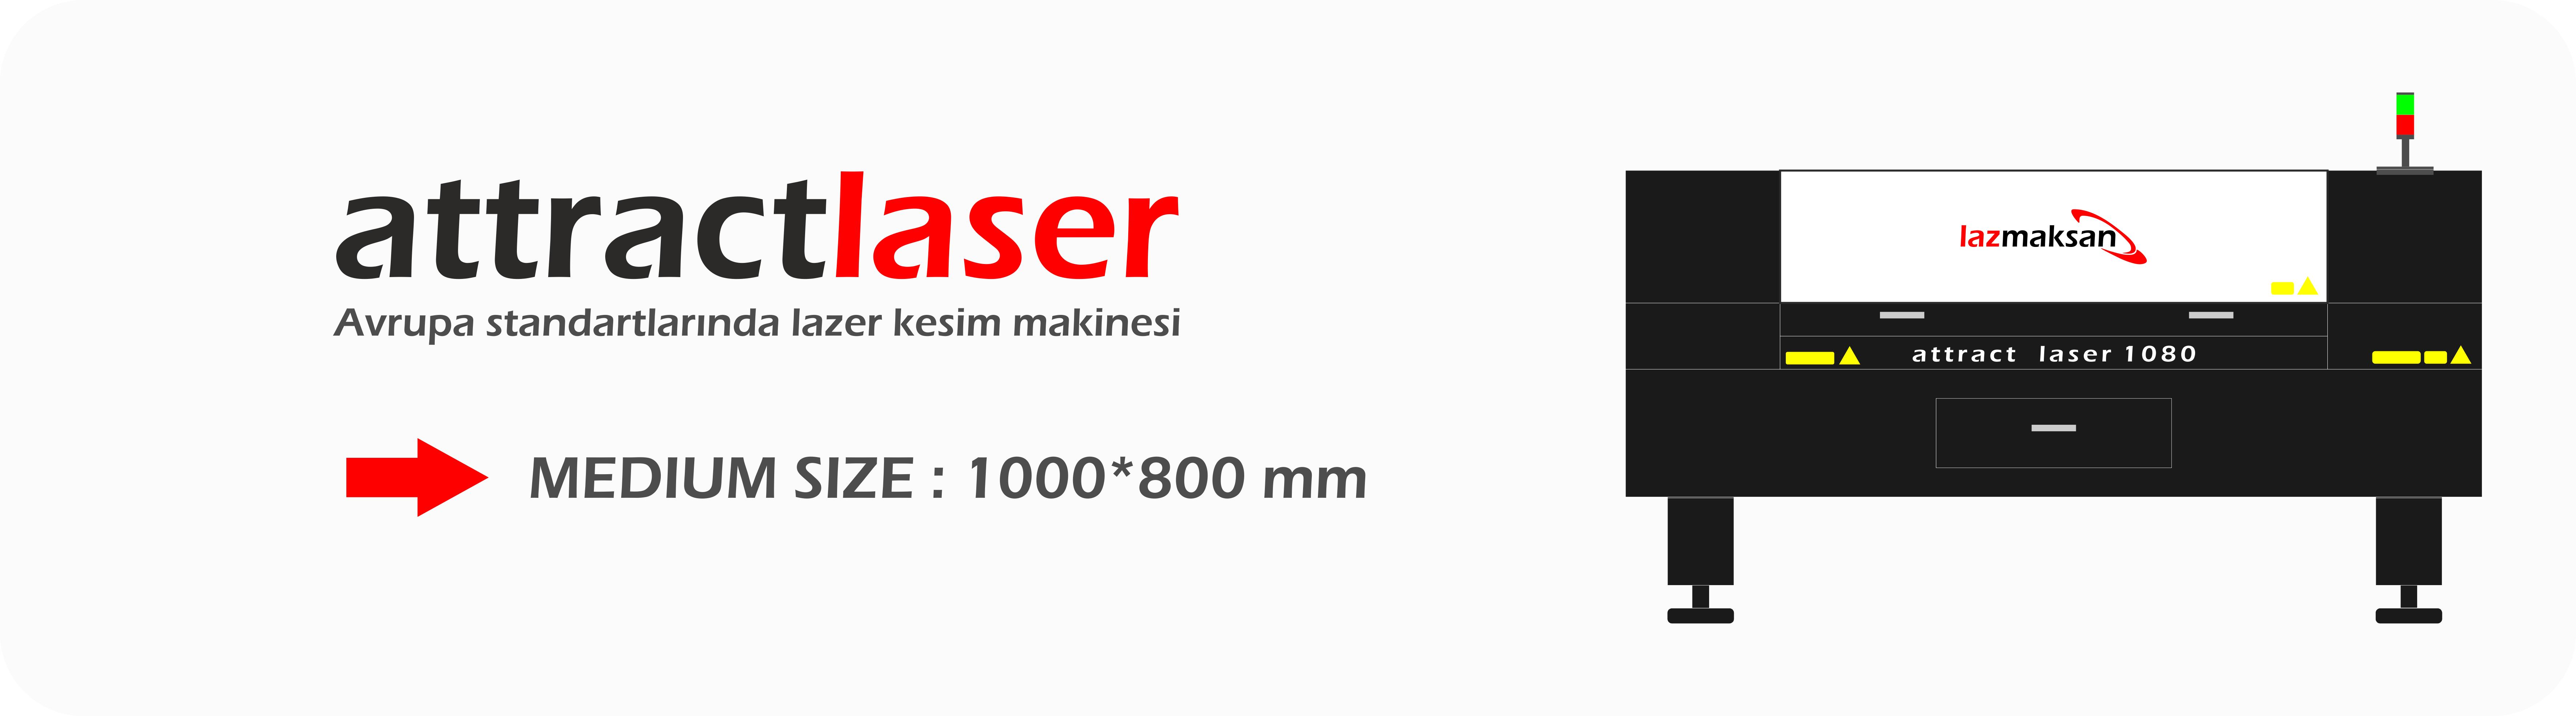 1080-slider-11